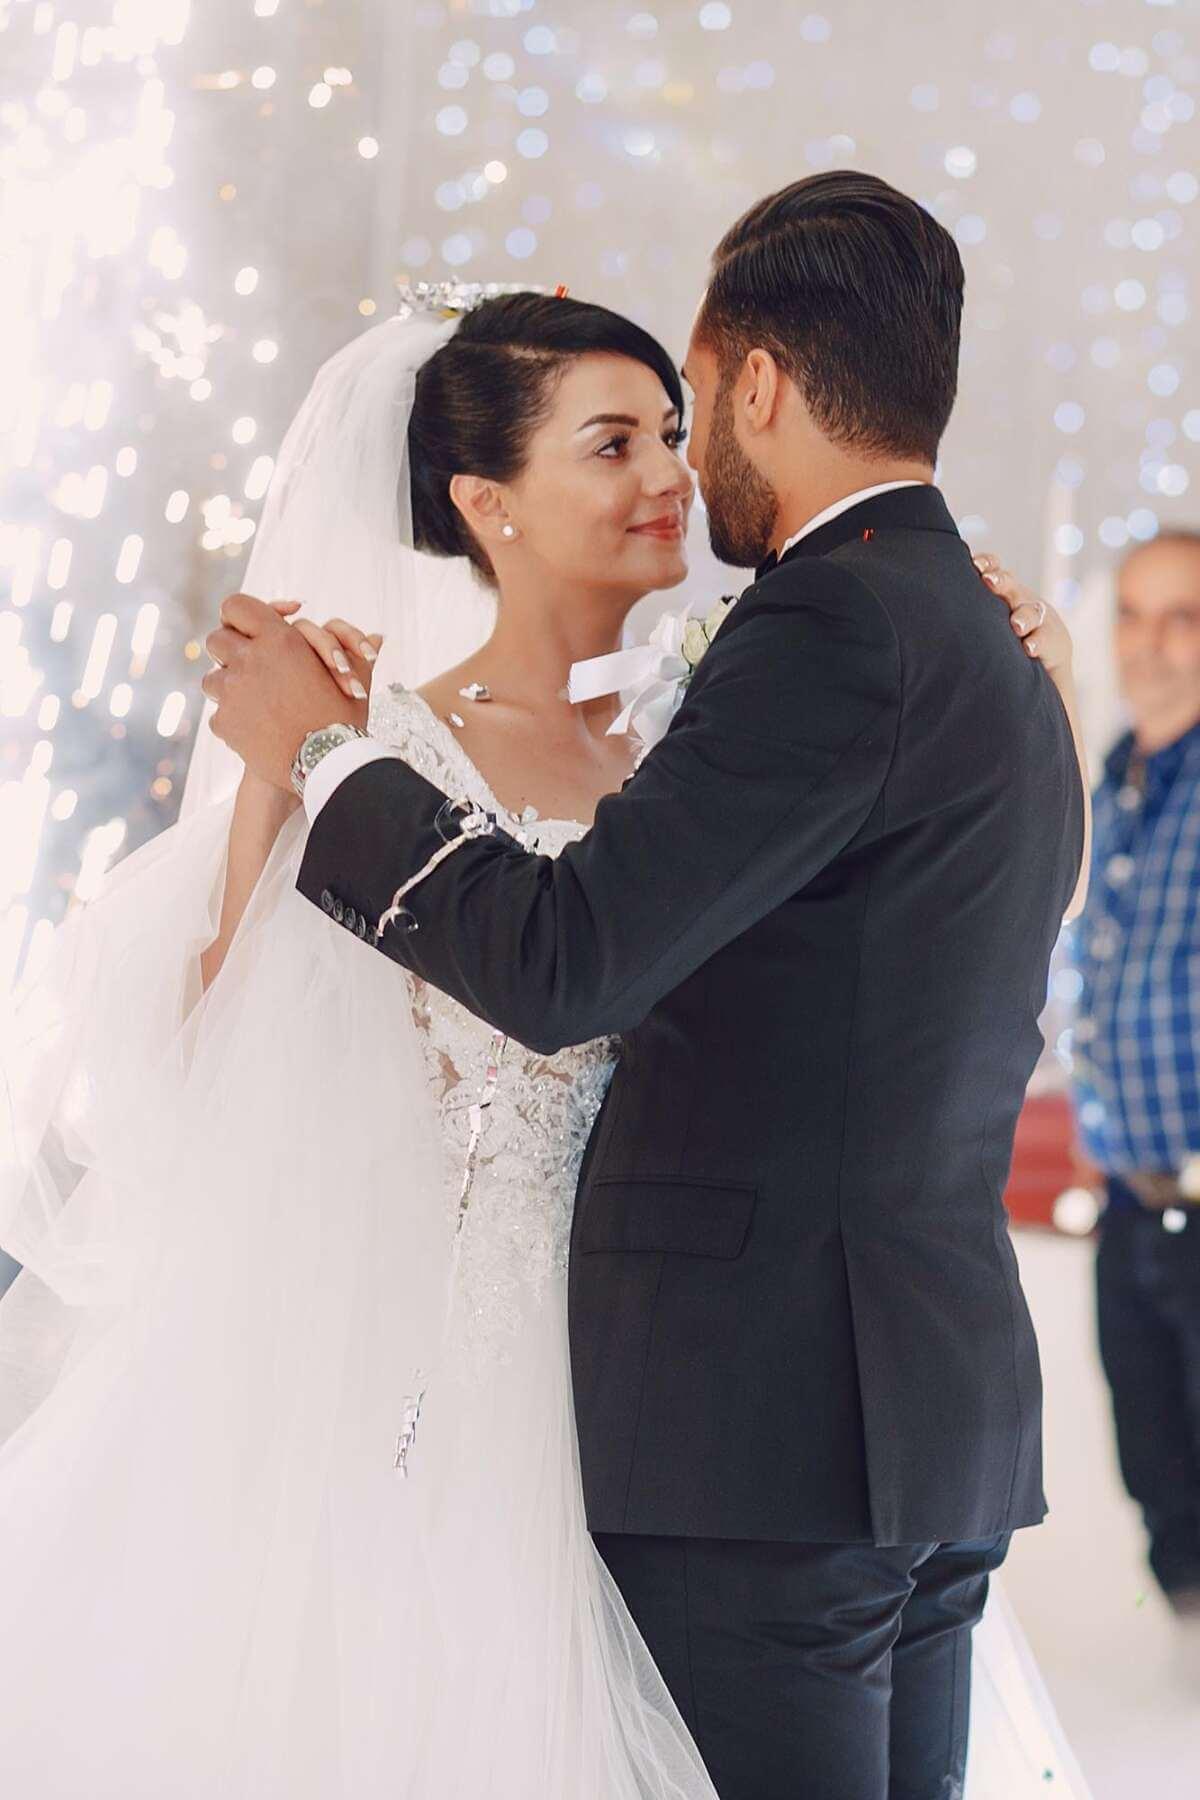 pierwszy taniec - TOP 20 najlepszych utworów na pierwszy taniec na weselu